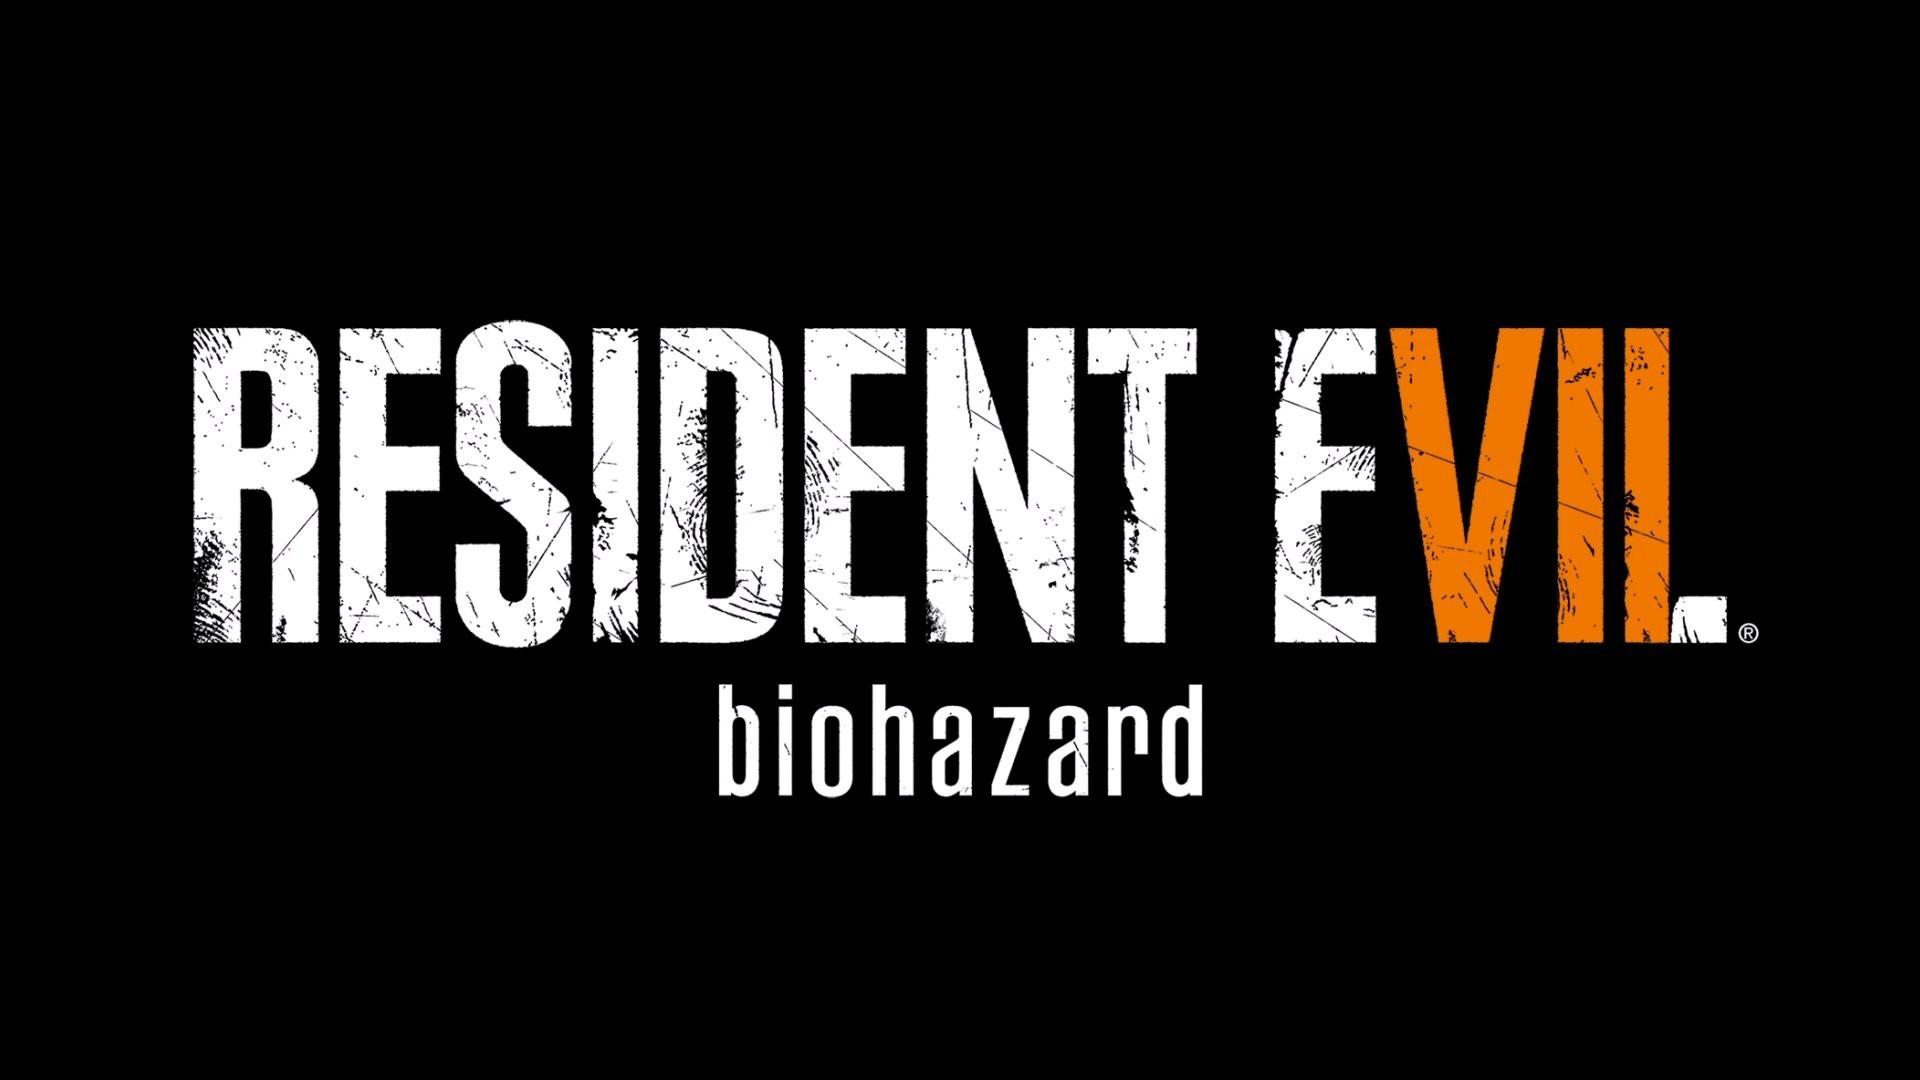 Состав коллекционного издания Resident Evil 7